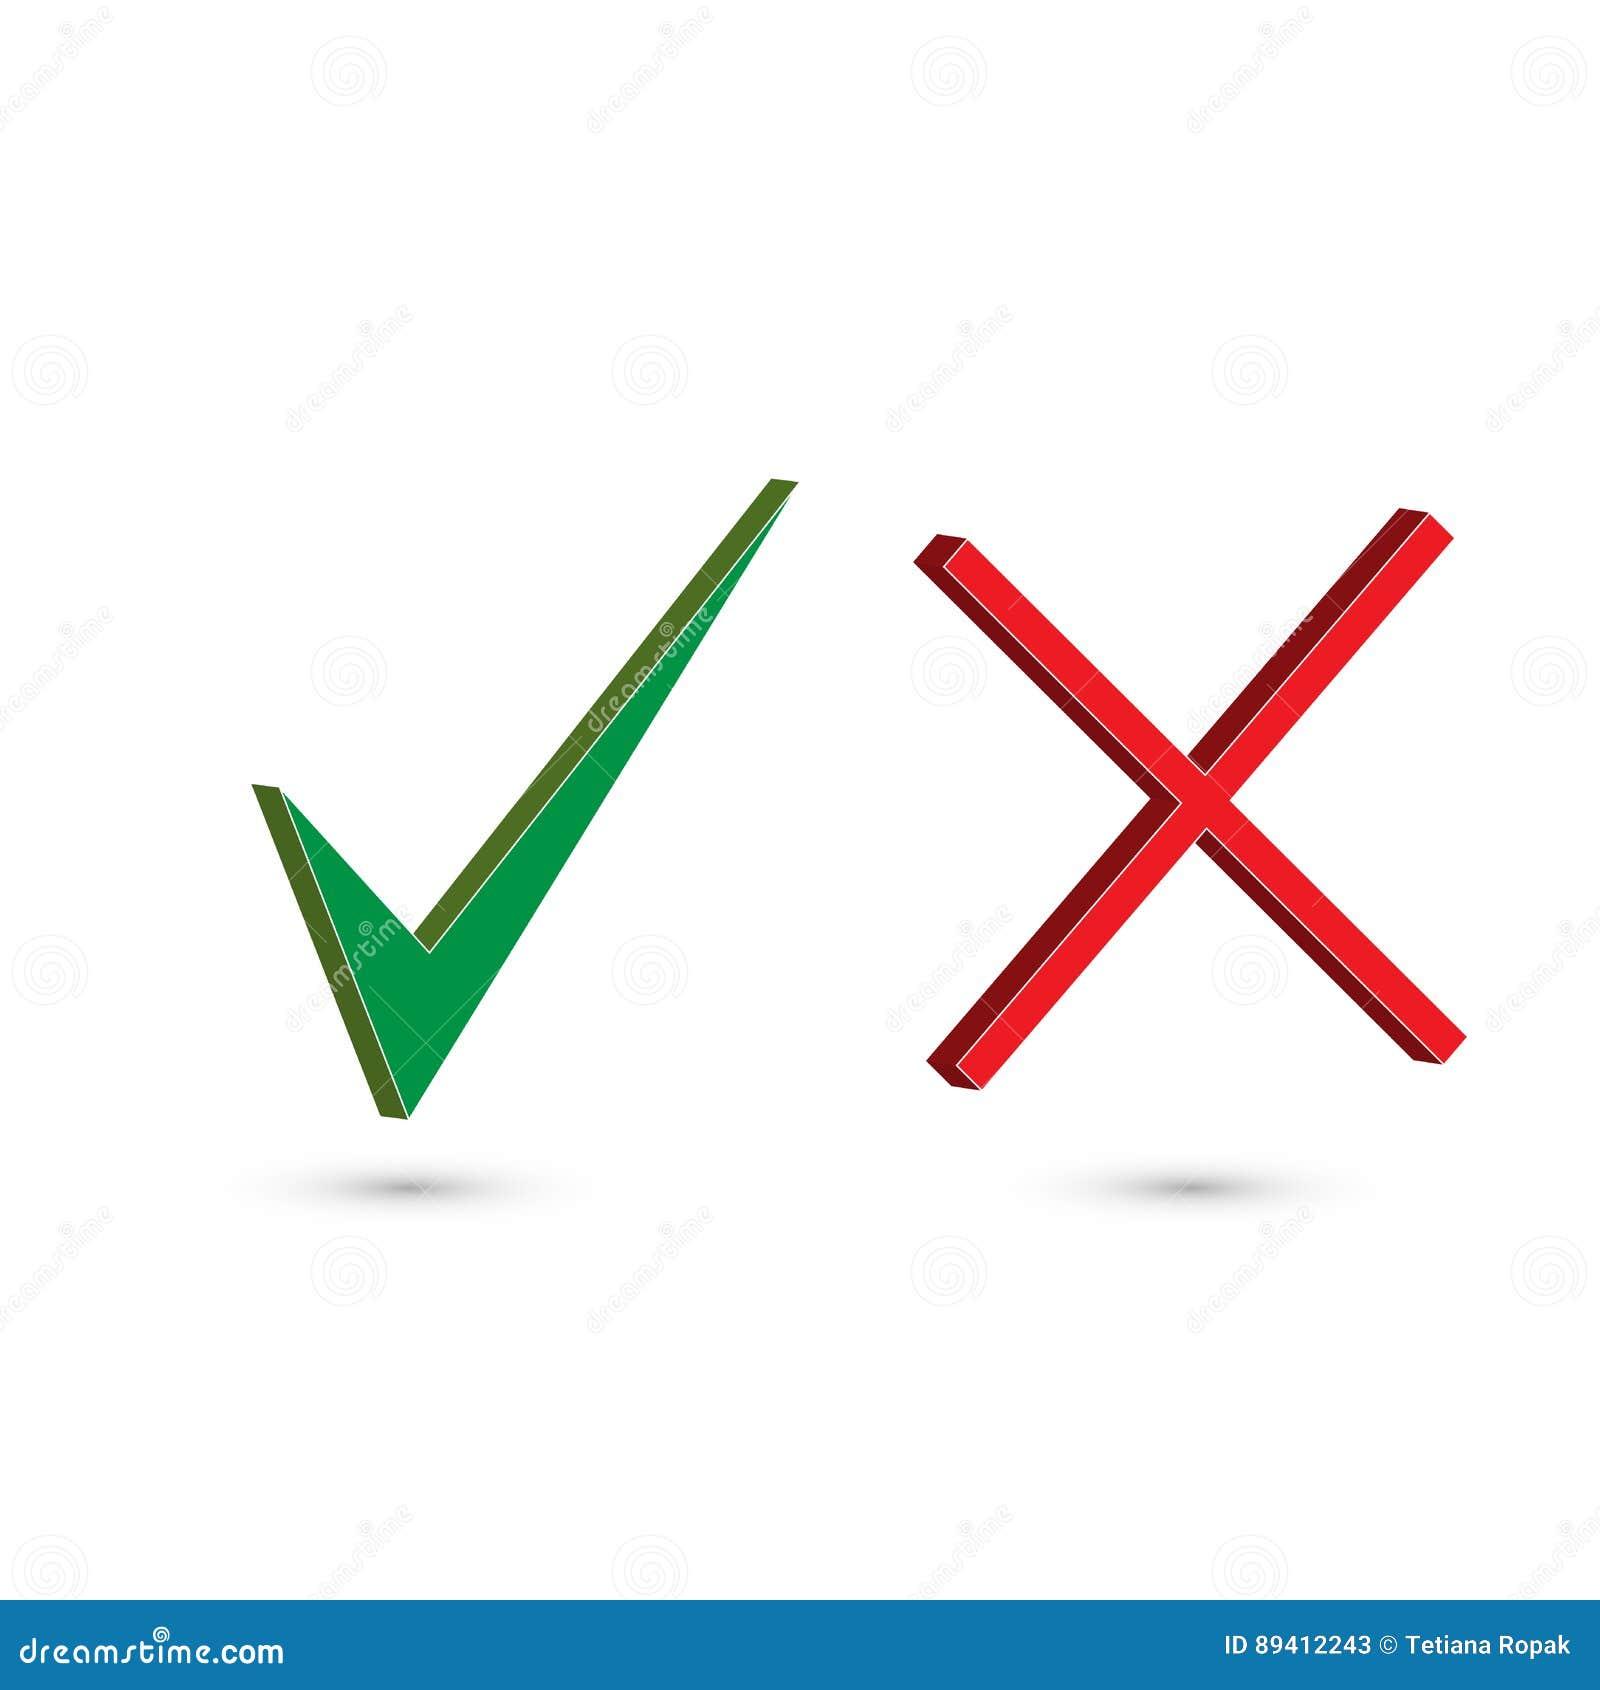 Sprawdzać zielonej ilustracyjnej oceny czerwonego majcherów wektor set dwa prostego sieć guzika: zielona czek ocena, czerwony krz